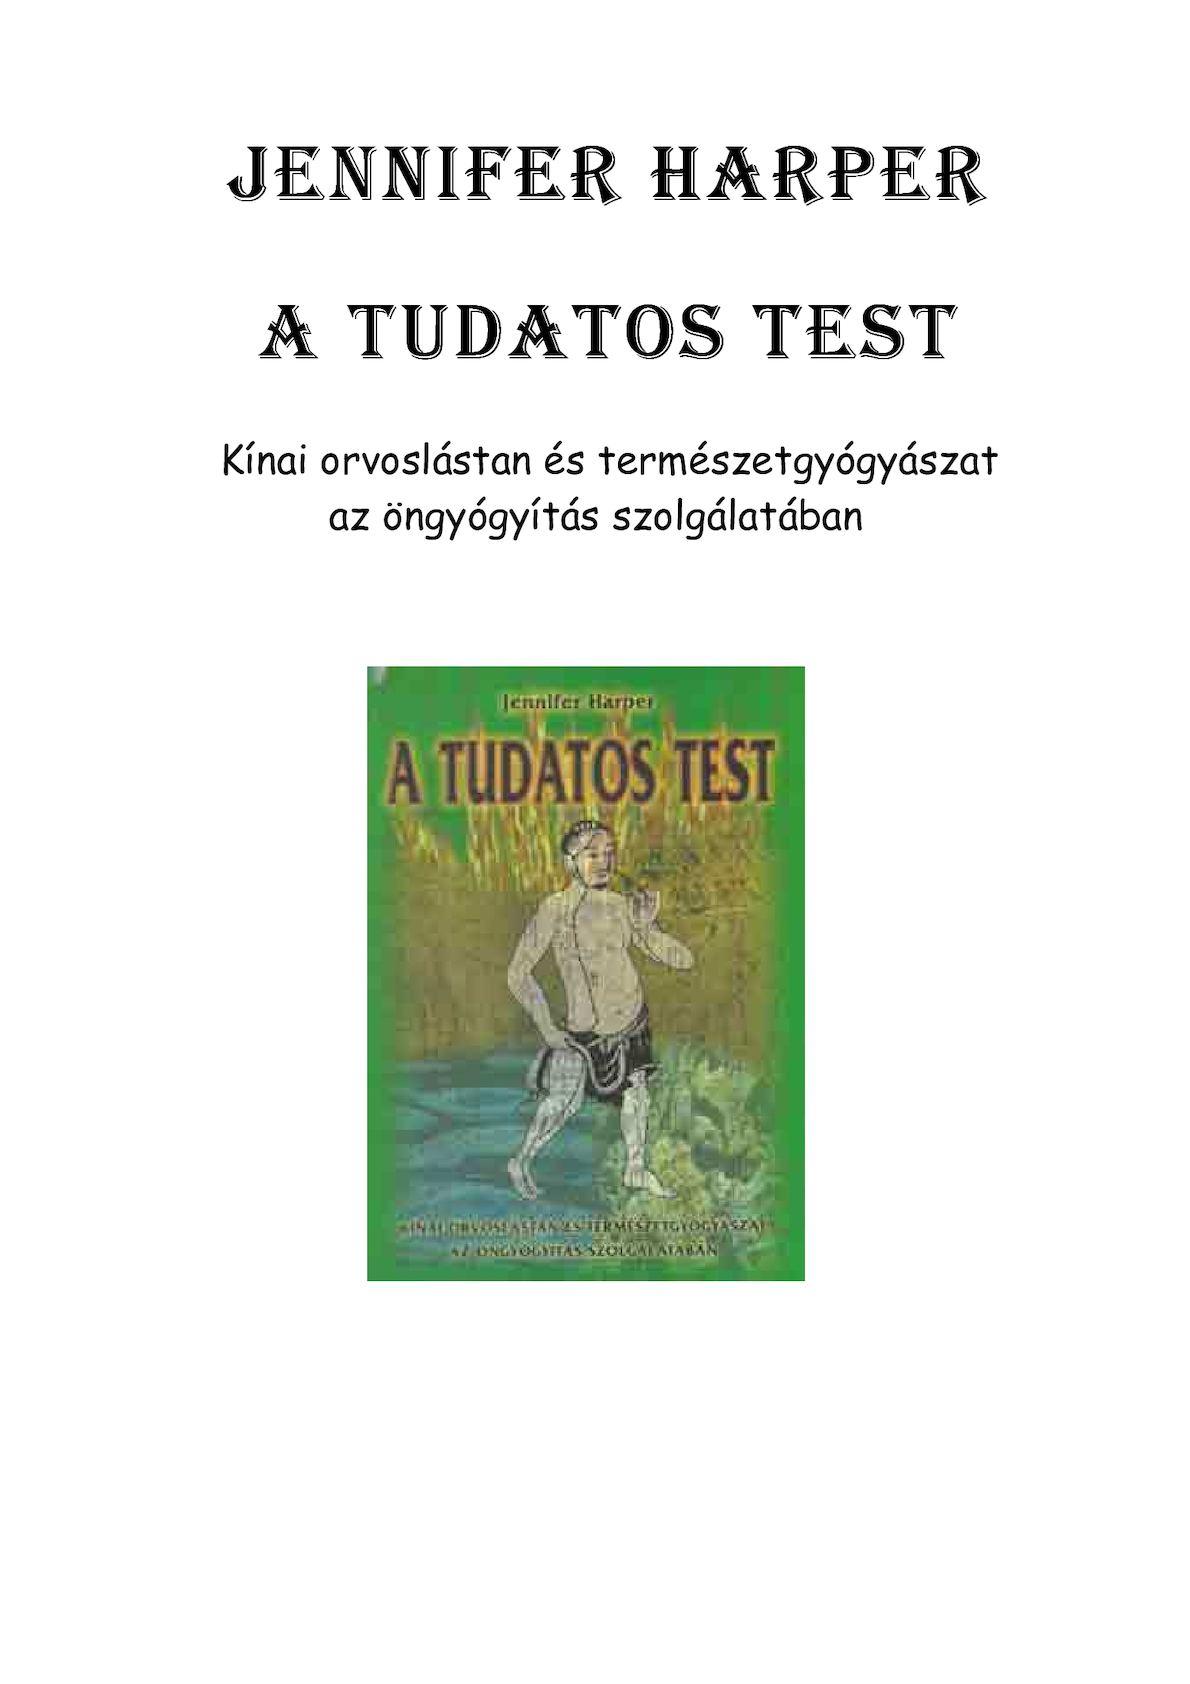 Klinika a test megtisztítására a parazitáktól)